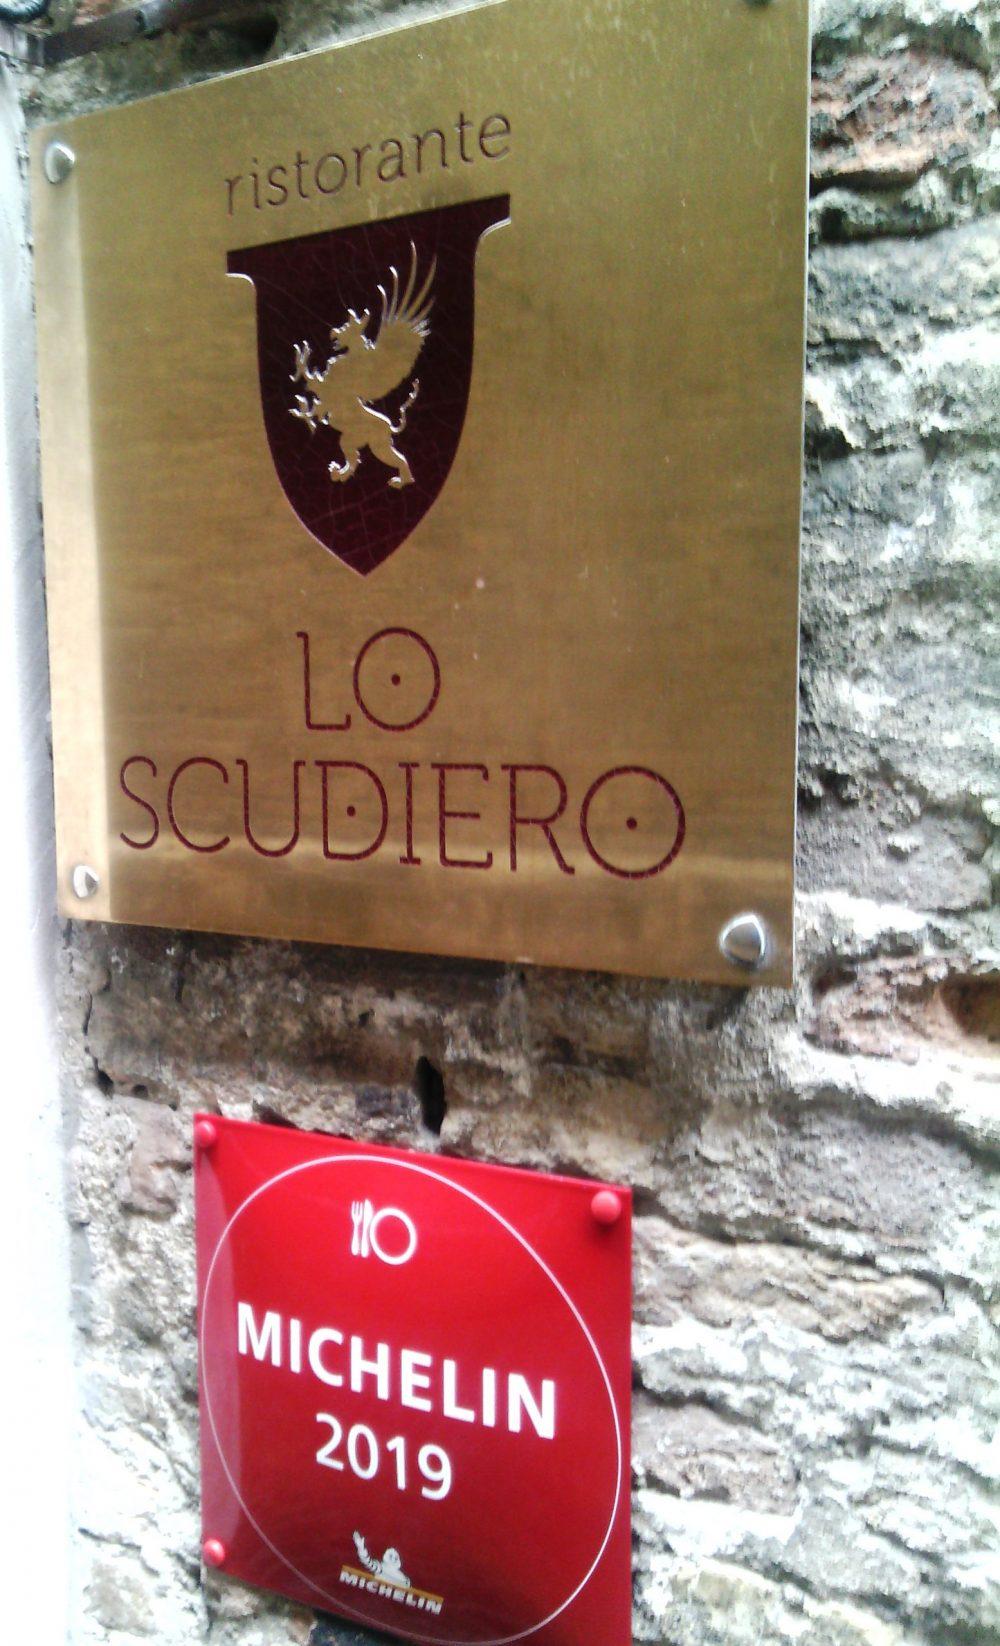 Lo Scudiero, l'istoriata insegna